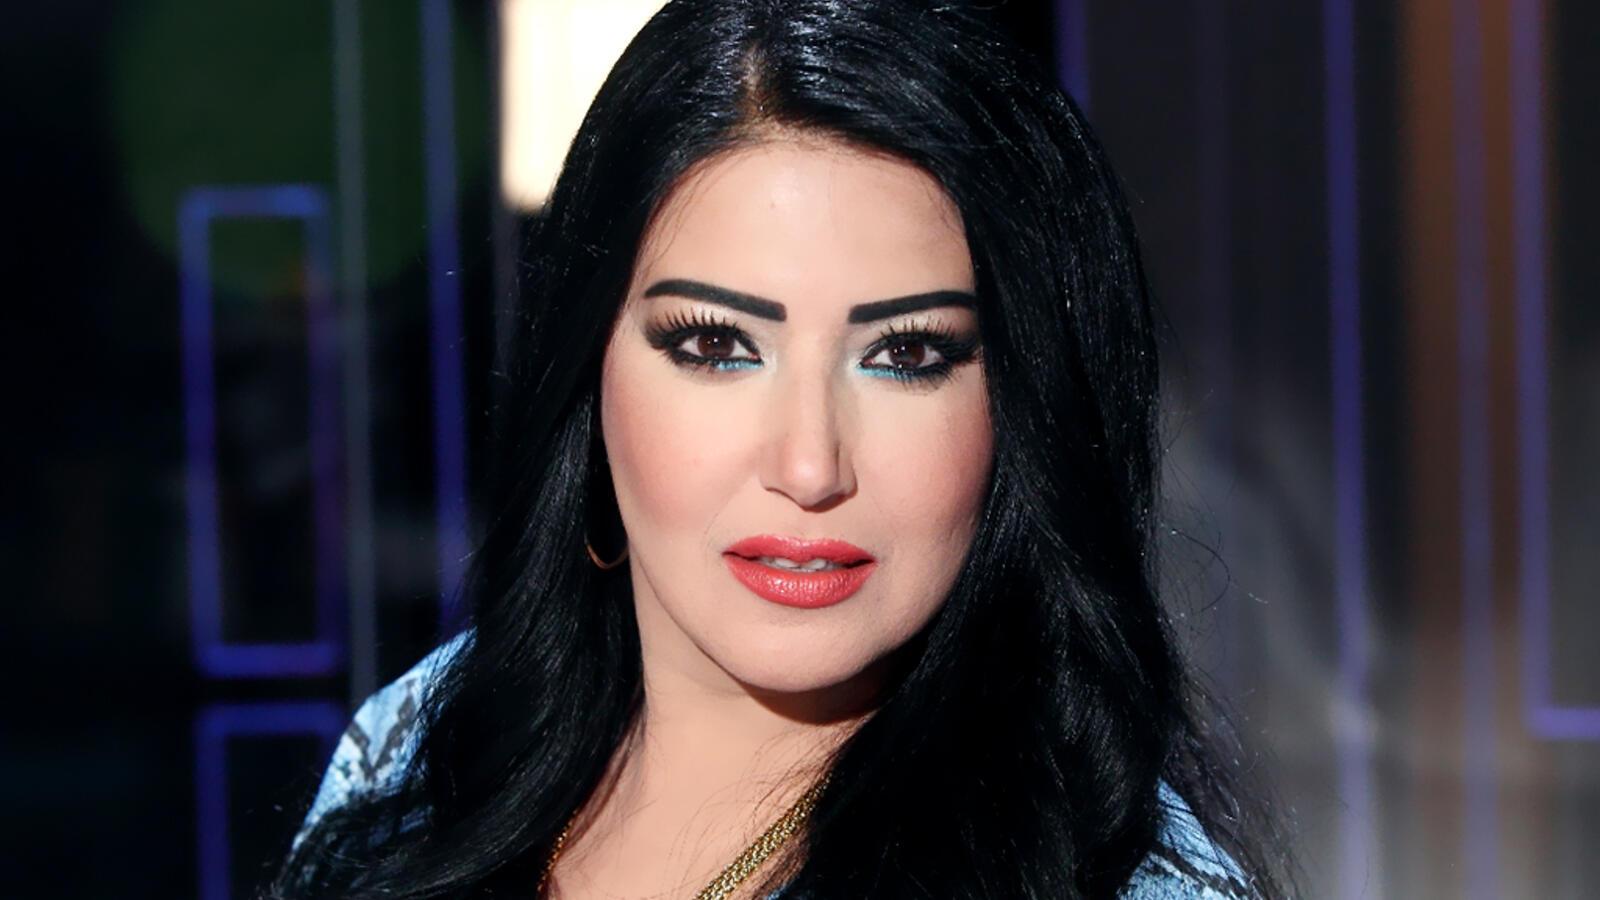 سمية الخشاب شهرزاد mbc masked singer